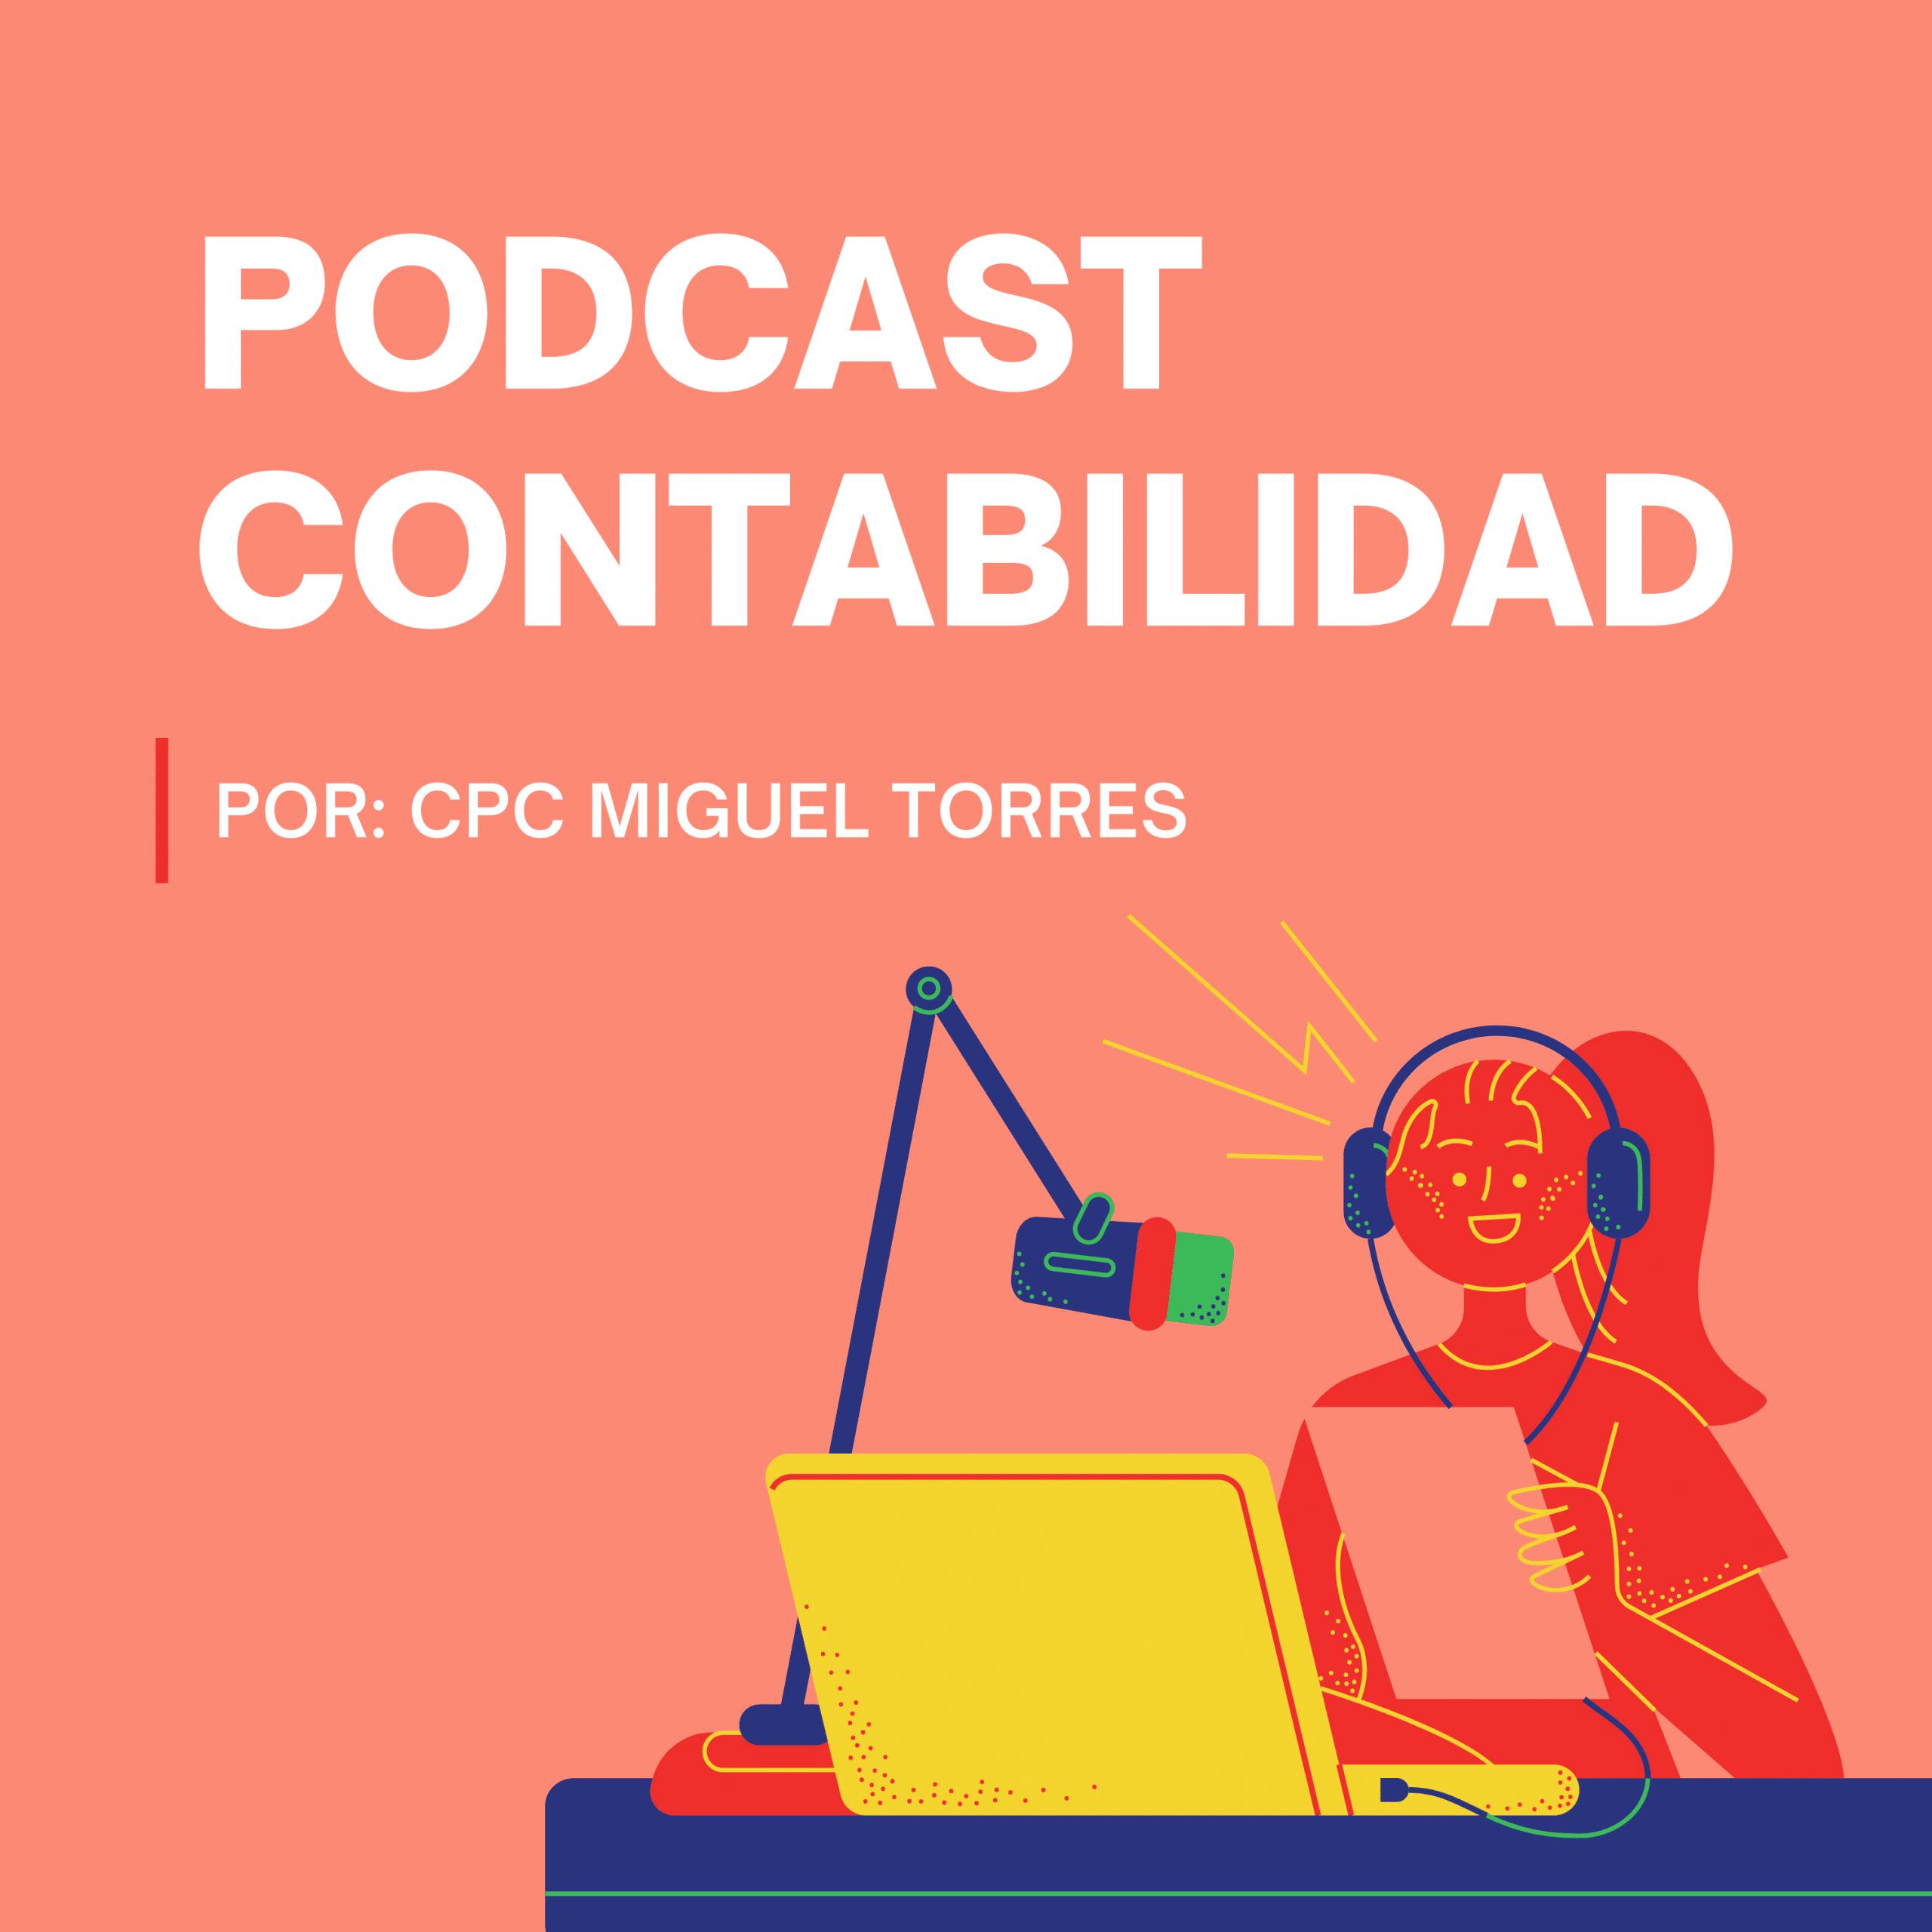 Podcast Contabilidad Consejos de un contador